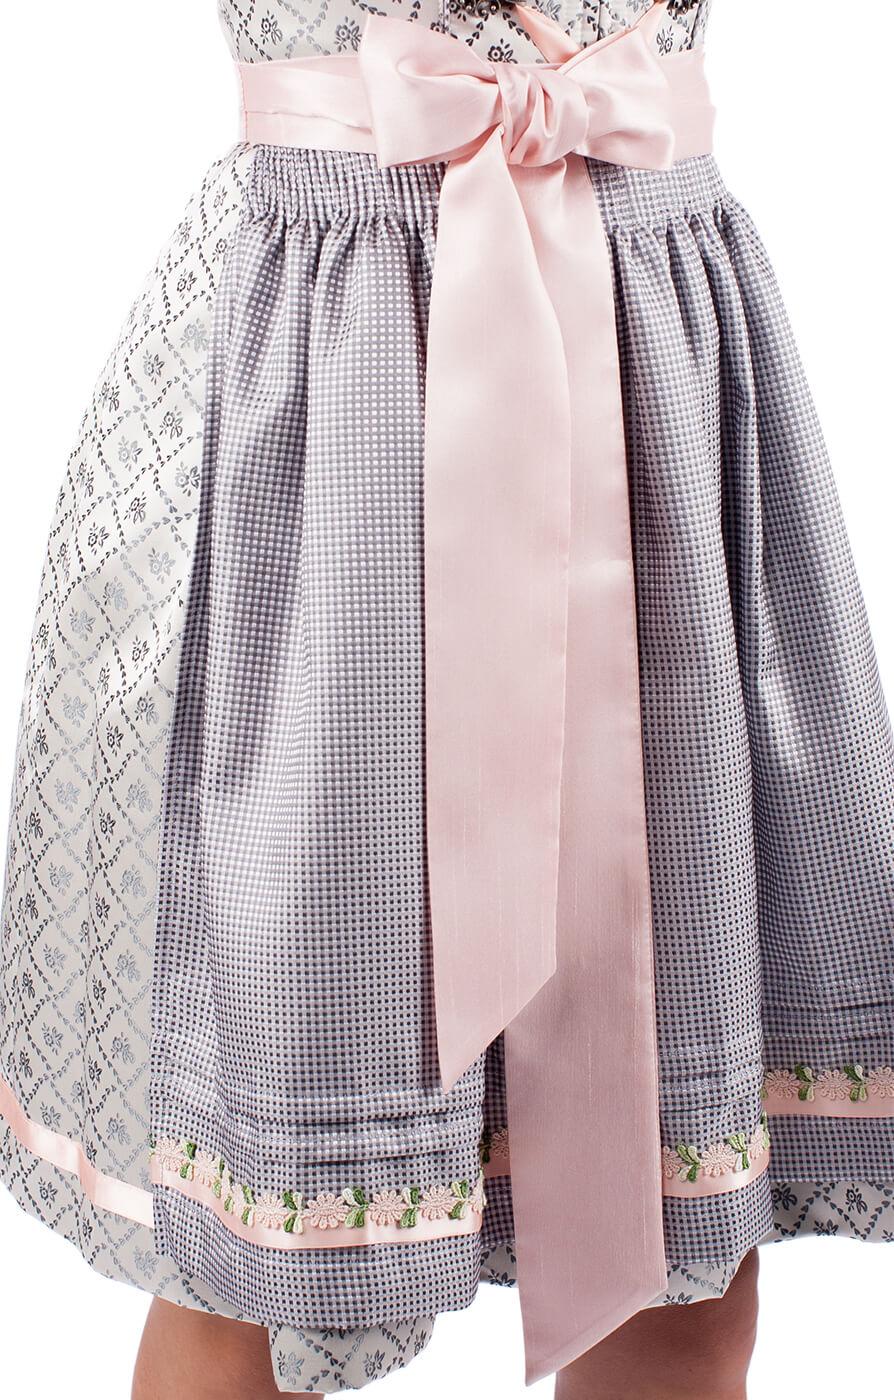 weitere Bilder von Midi Dirndl 60cm ROSE DAISY grijs